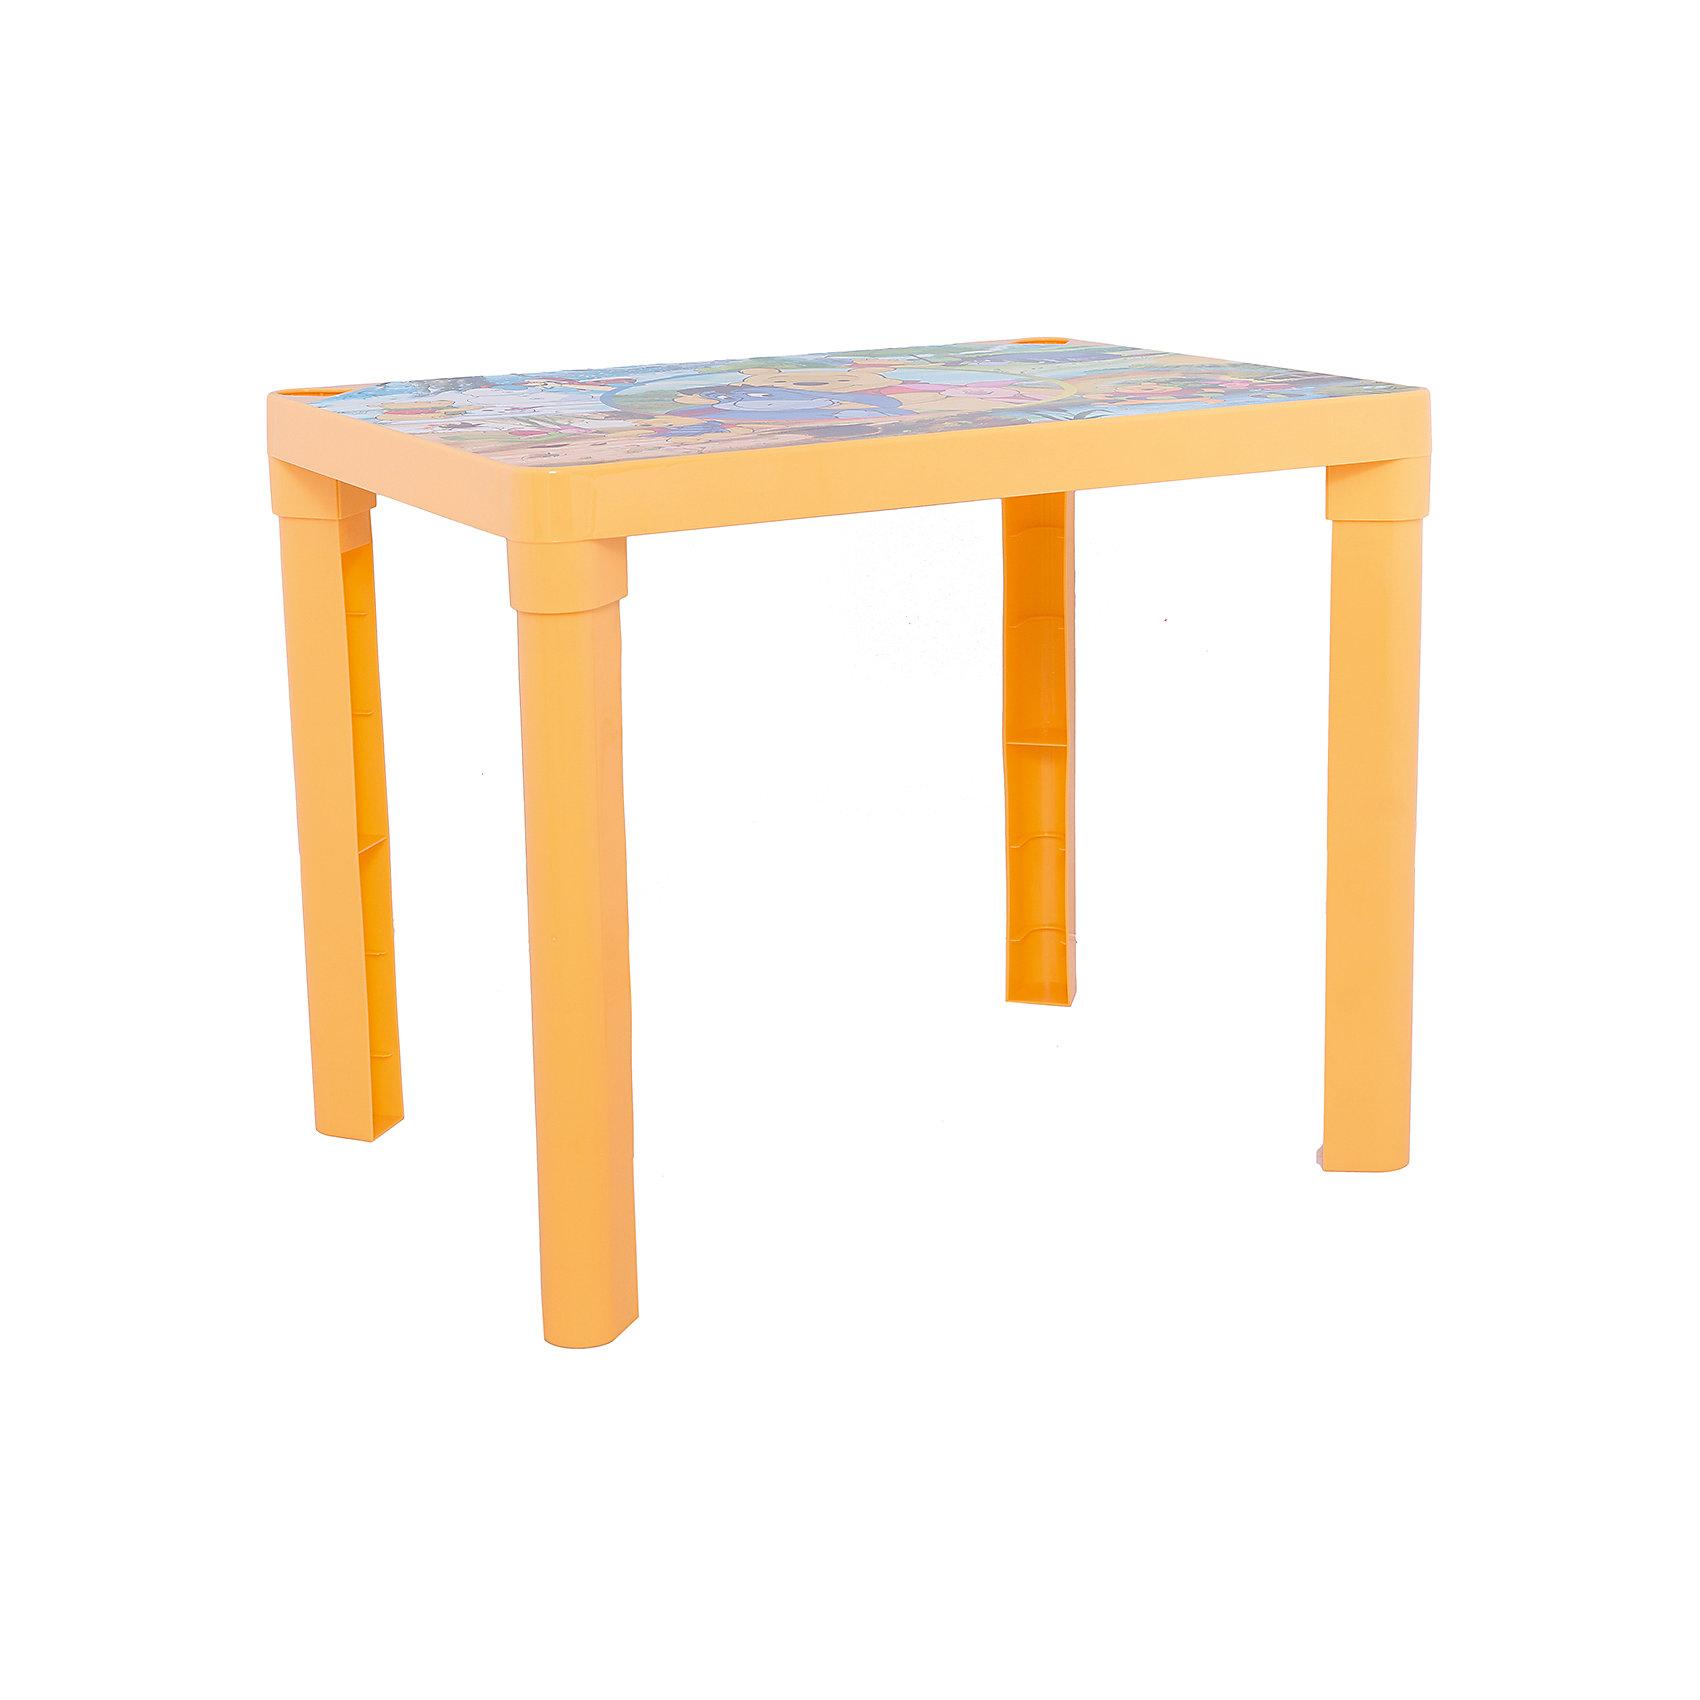 Желтый стол Винни ПухDisney Винни Пух<br>Красочный стол непременно станет неотъемлемым атрибутом в комнате вашего ребенка. Теперь у малыша будет отдельный столик, который идеально подойдет ему по размеру и он сможет приглашать на чаепитие своих друзей, в том числе и плюшевых, а также заниматься творческой работой: рисовать, лепить, раскрашивать и так далее. Благодаря специальным выемкам, на столе можно расположить карандаши, фломастеры, кисточки и другие мелкие предметы, и они не будут мешаться и скатываться. Так же, такой стол можно использовать загородом.<br><br>Дополнительная информация:<br><br>Материал: пластик.<br>Цвет: желтый.<br>Размеры: 60х45х47 см<br> <br>Детский стол Винни в желтом цвете, можно купить в нашем магазине.<br><br>Ширина мм: 600<br>Глубина мм: 450<br>Высота мм: 470<br>Вес г: 1000<br>Возраст от месяцев: 36<br>Возраст до месяцев: 108<br>Пол: Унисекс<br>Возраст: Детский<br>SKU: 4718415